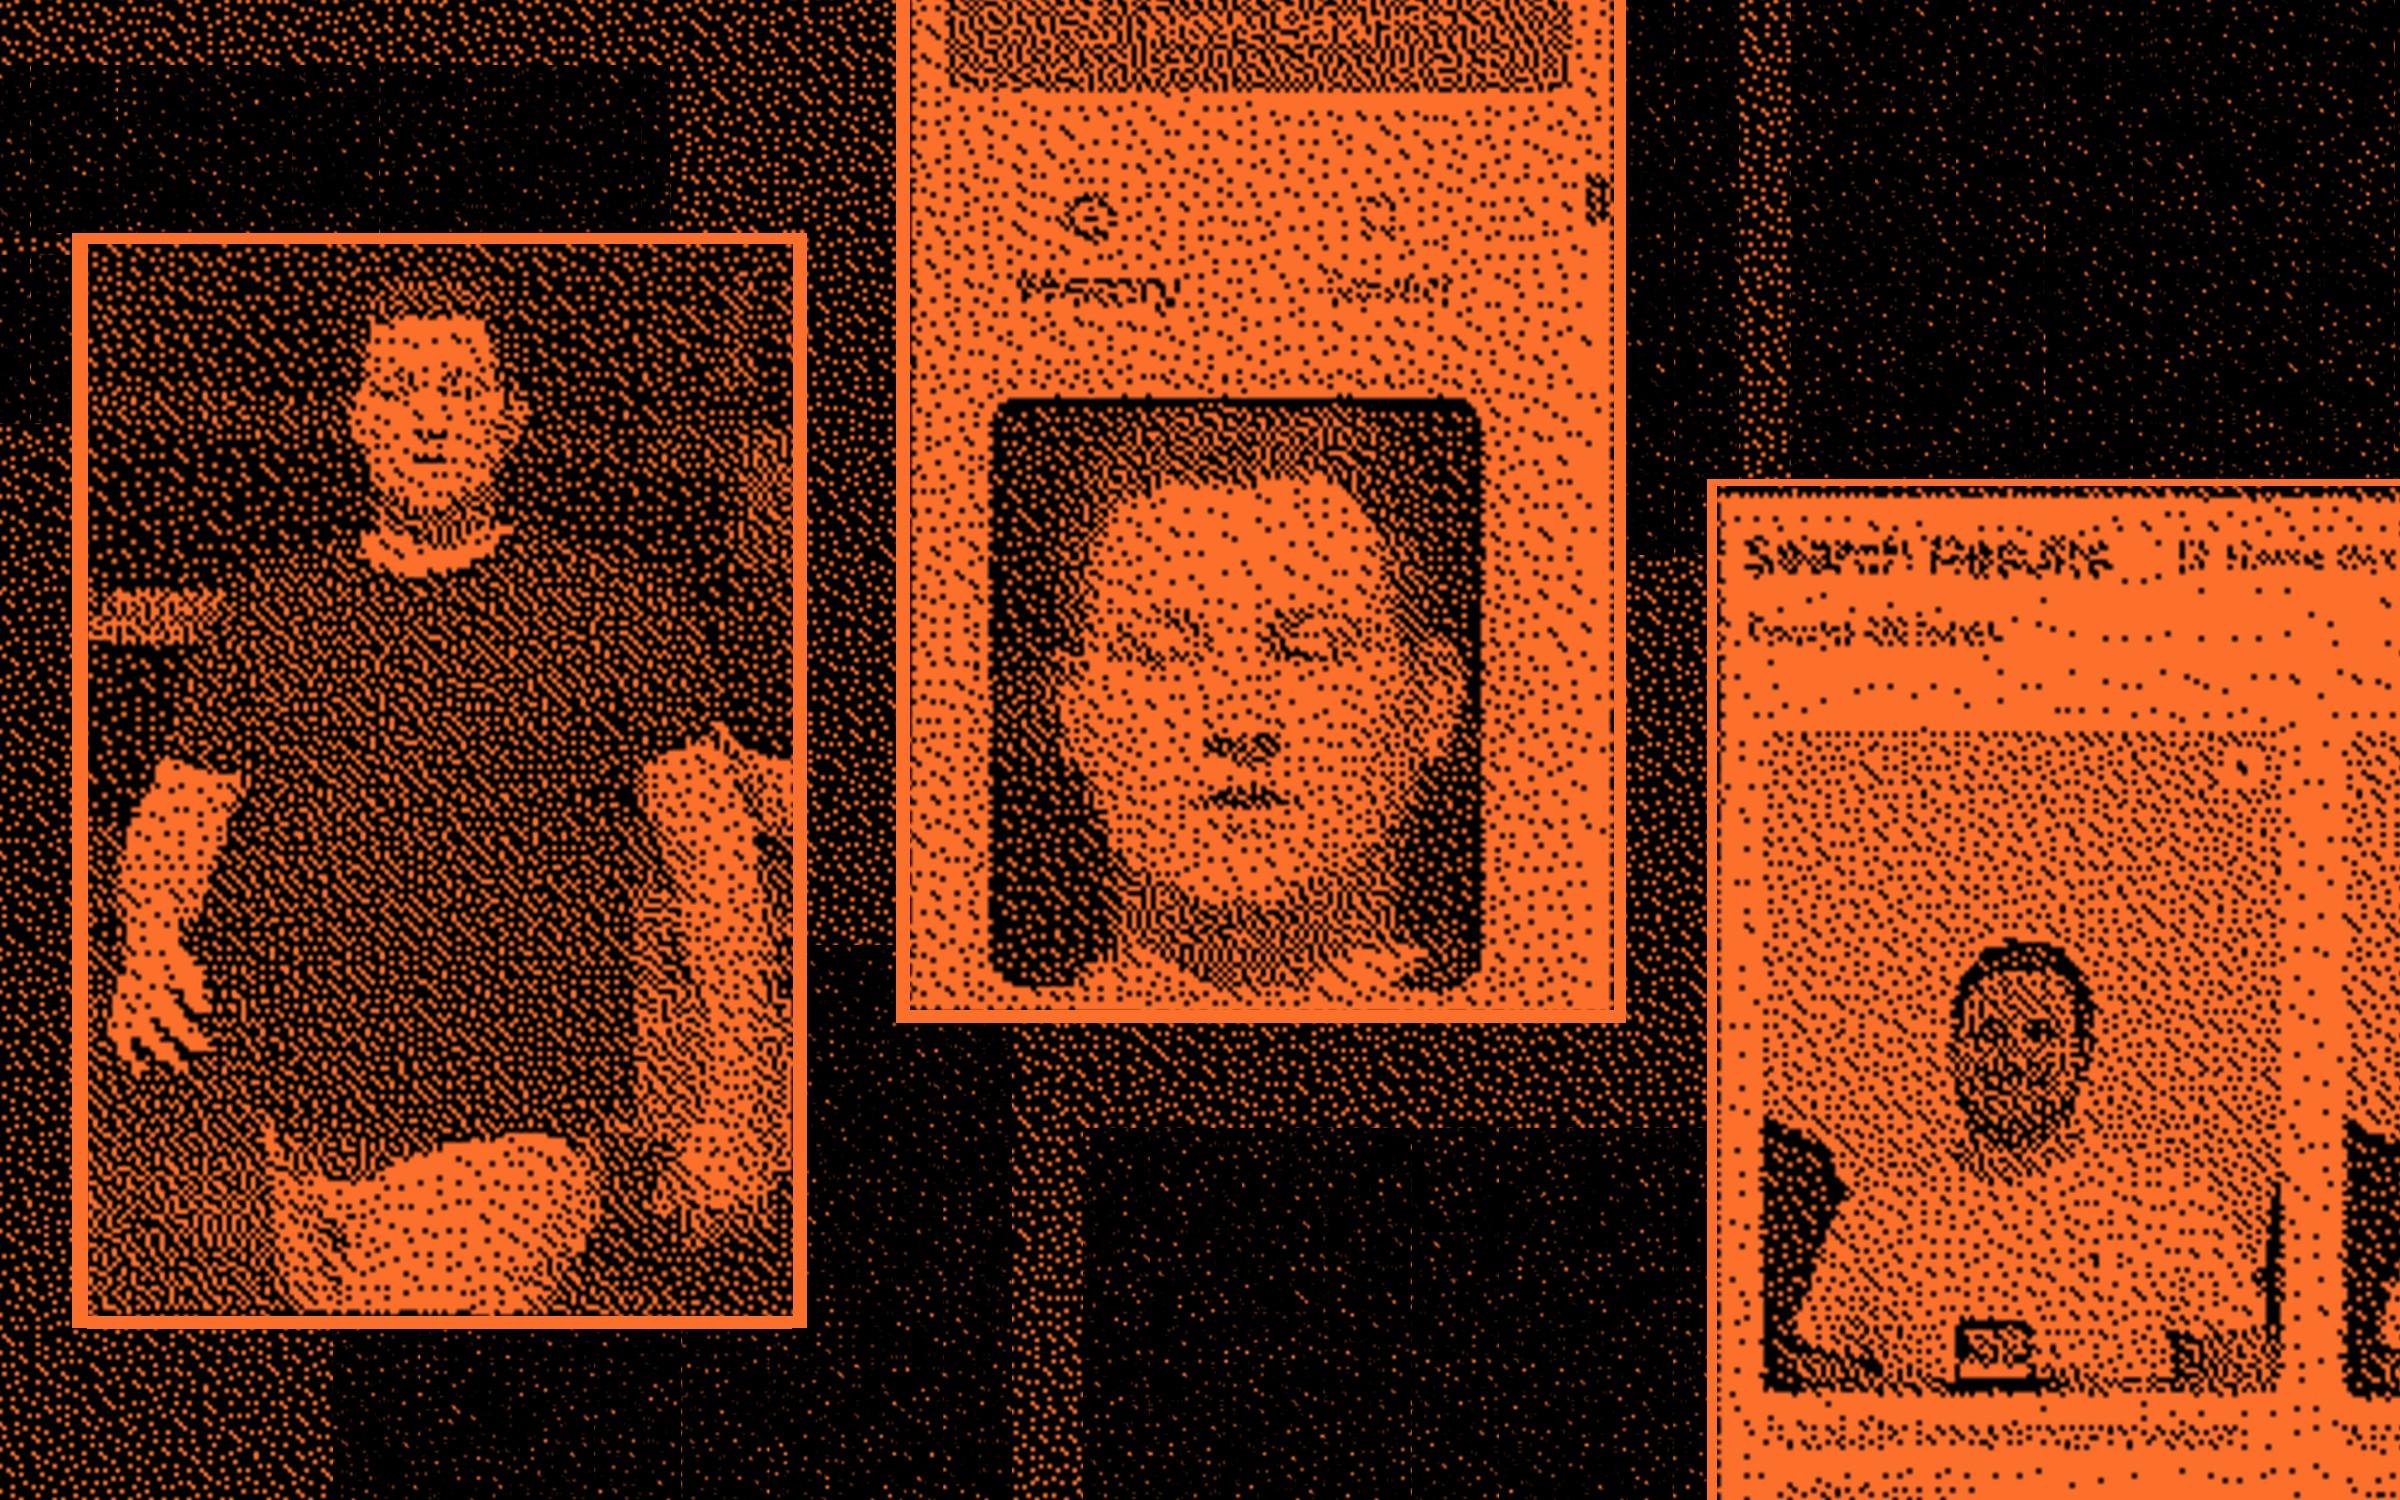 Παρακολουθώντας την εταιρεία που μας παρακολουθεί: Privacy International, Hermes Center, Homo Digitalis και noyb εναντίον της Clearview ΑΙ